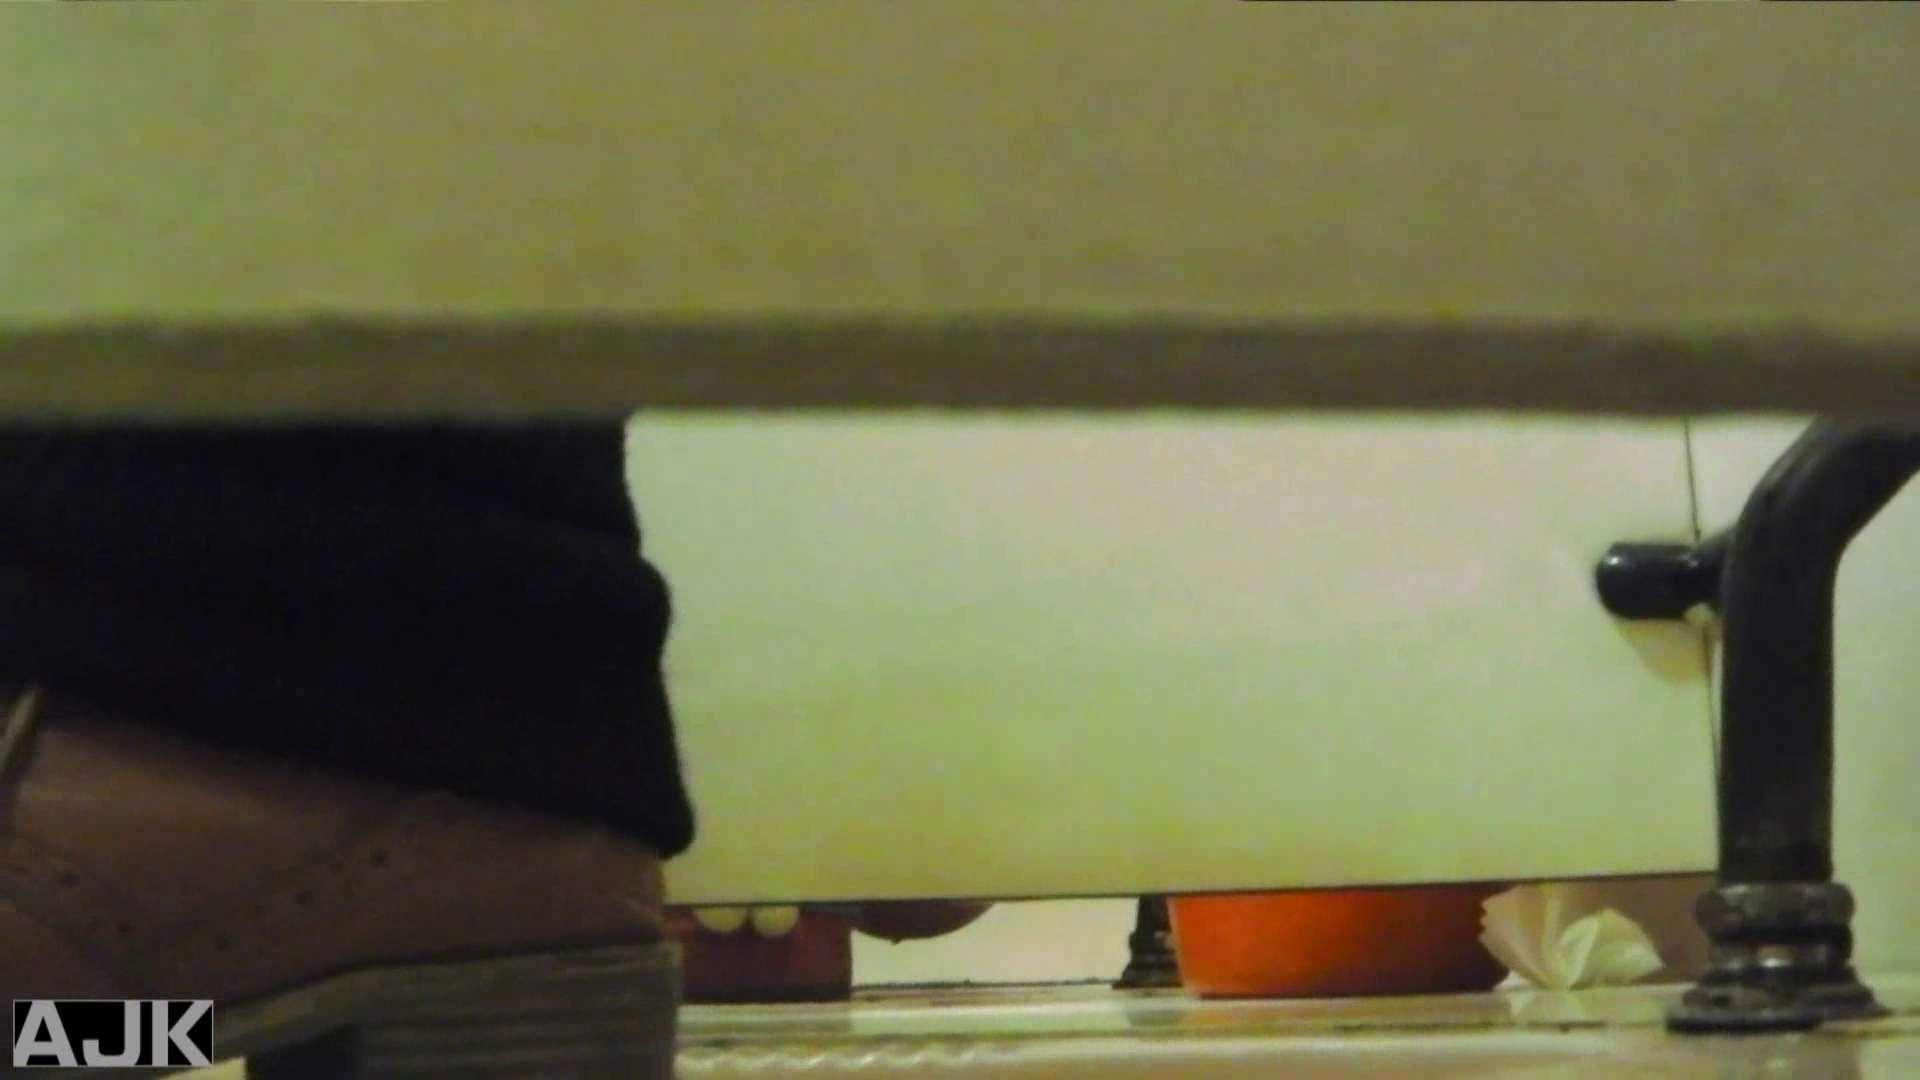 隣国上階級エリアの令嬢たちが集うデパートお手洗い Vol.14 お嬢様だって・・・ おまんこ動画流出 51画像 41